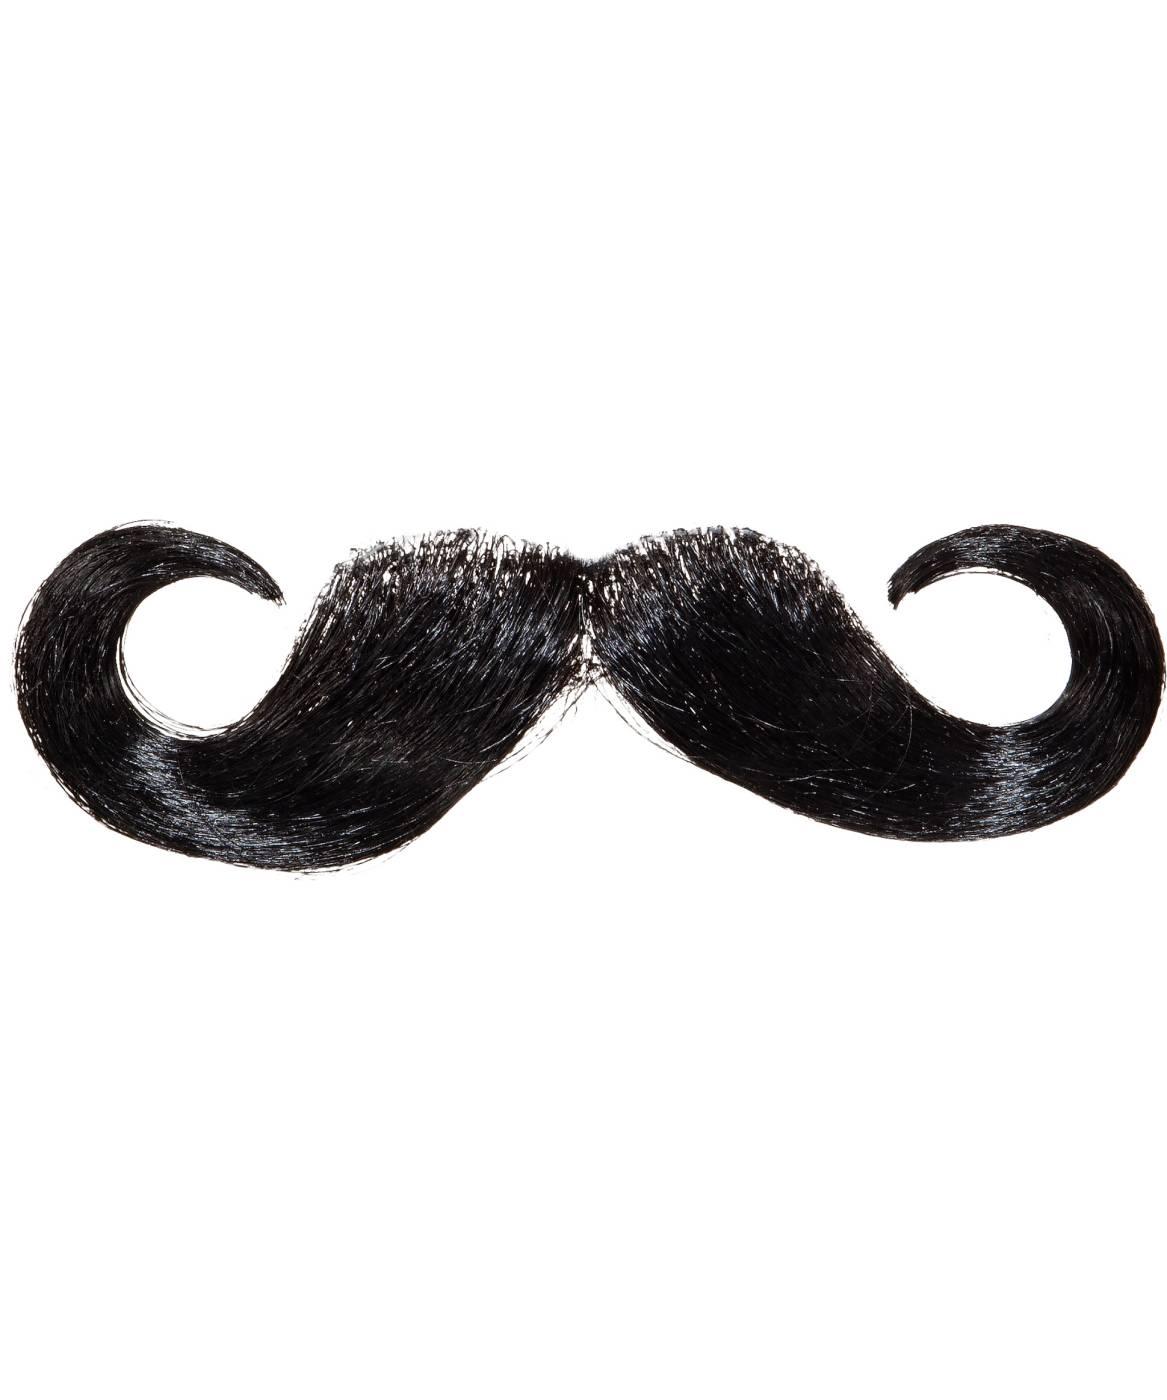 Fausse moustache 1900